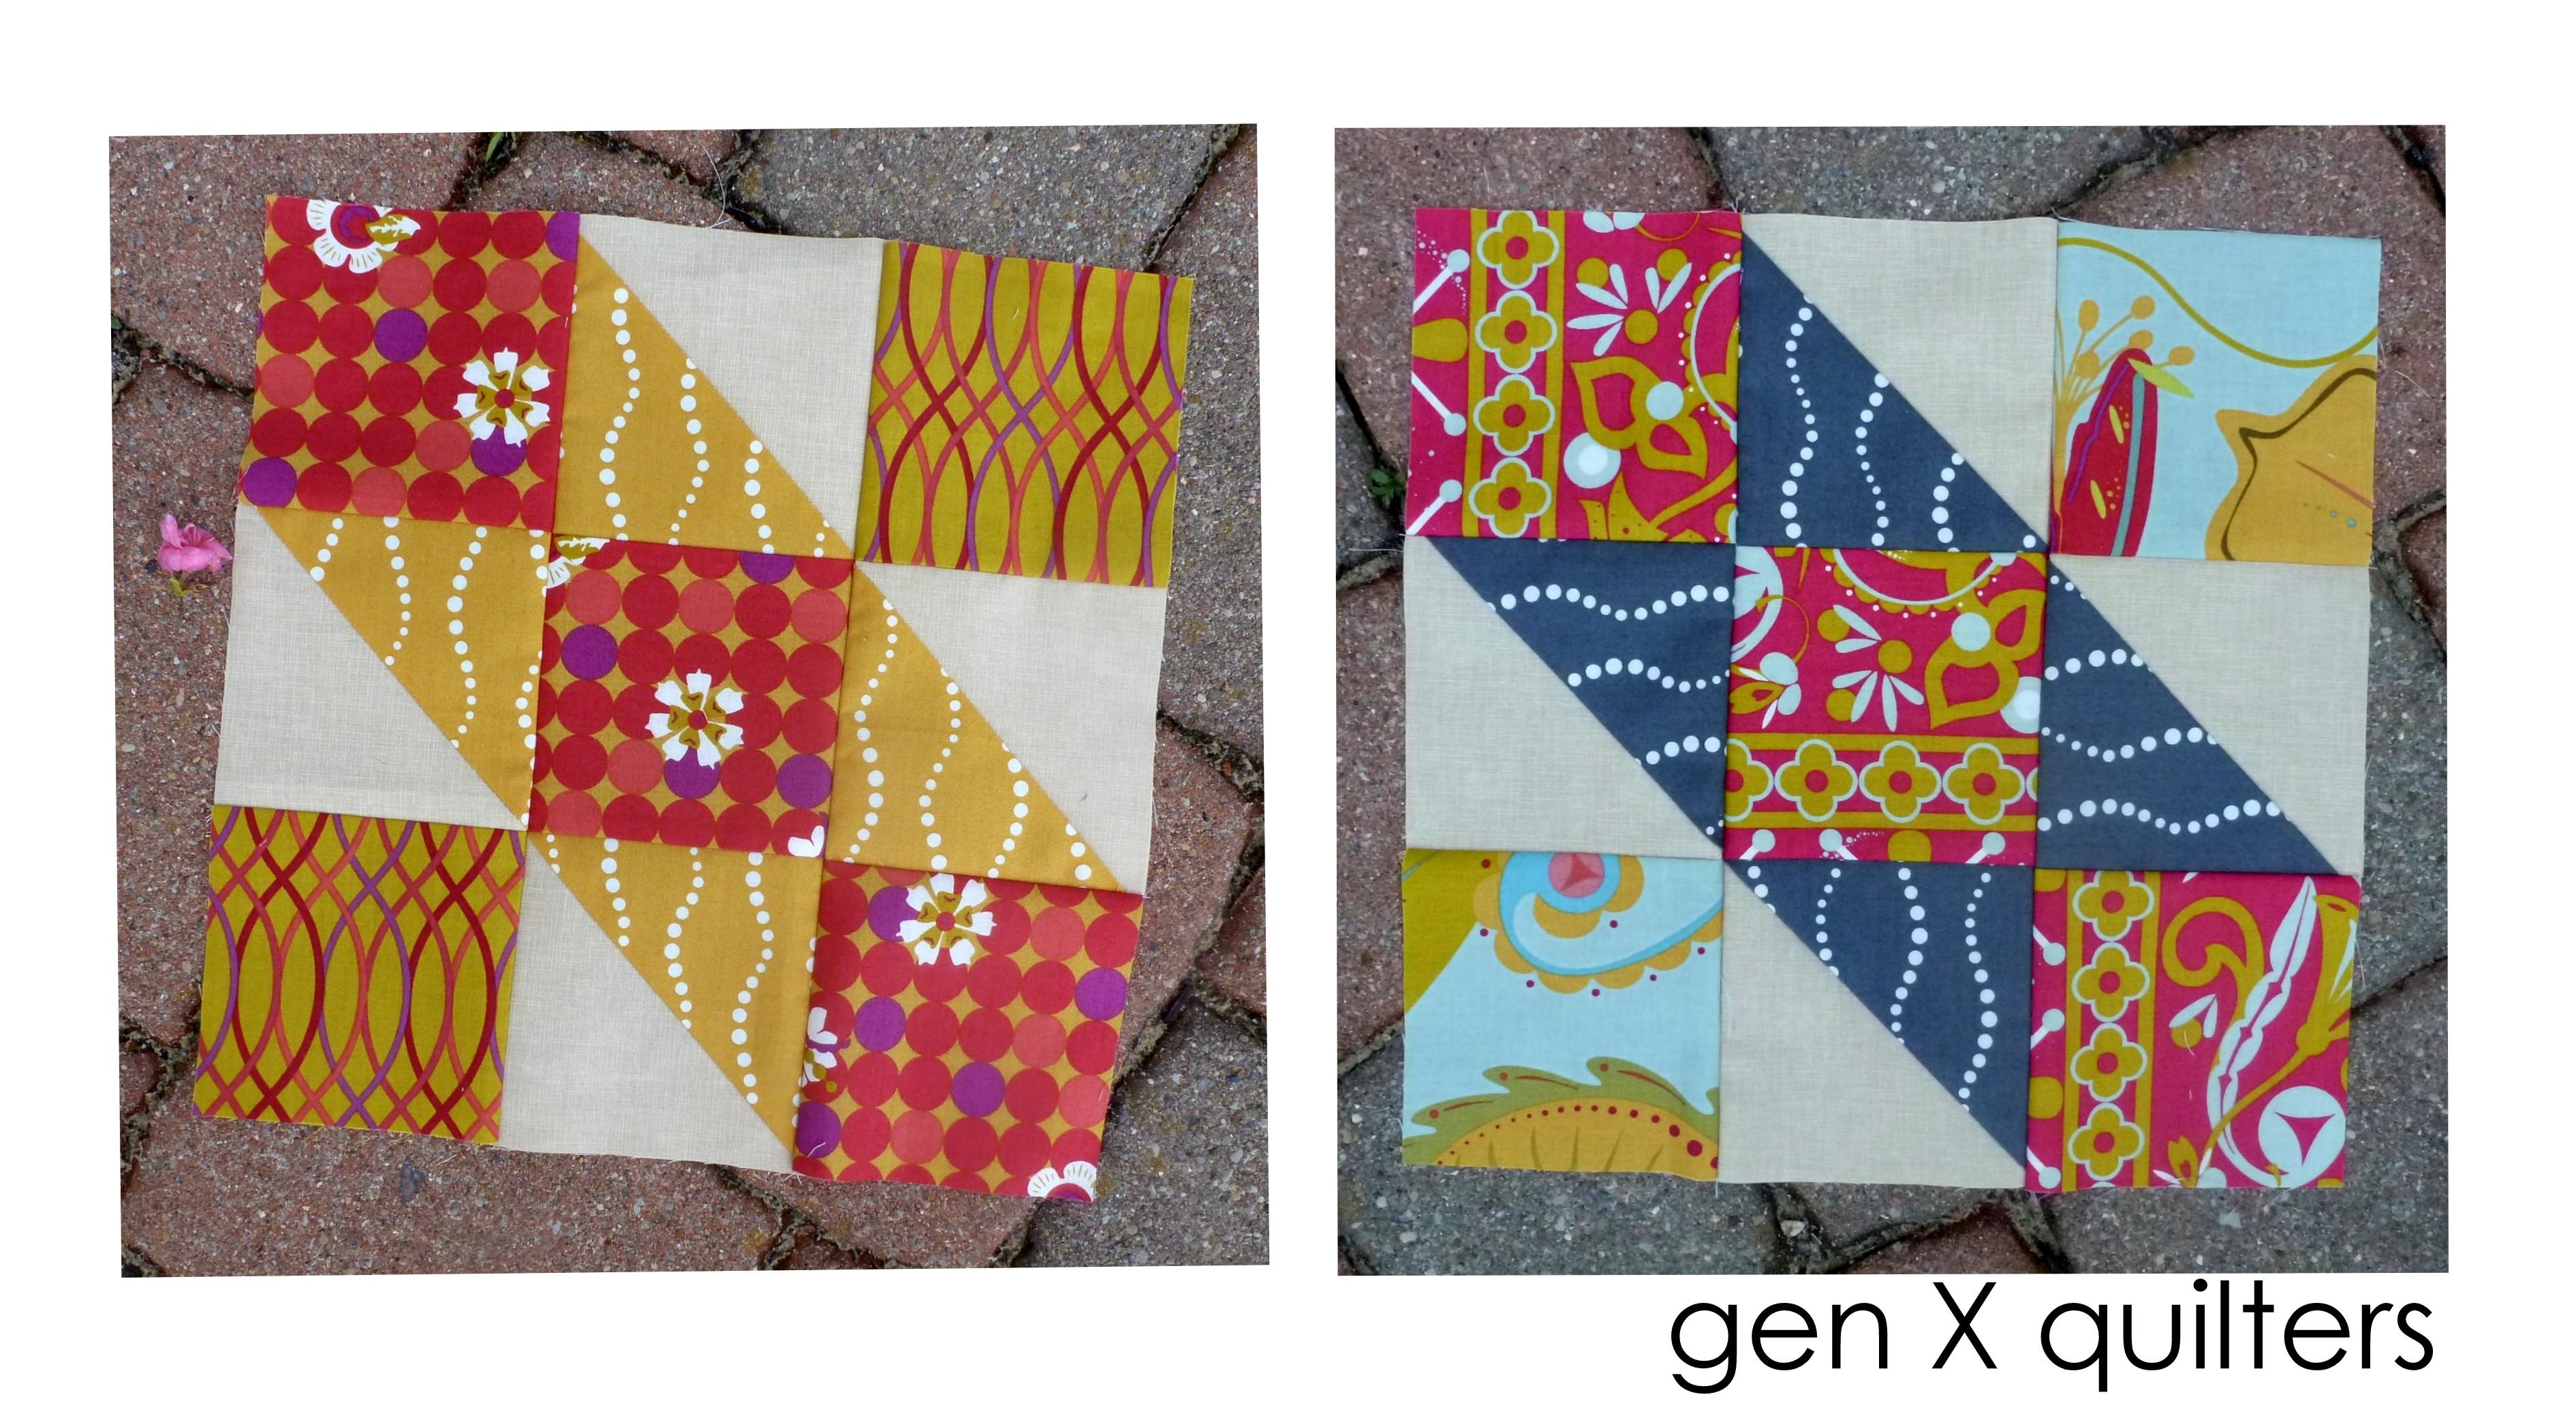 june blocks 1 and 2